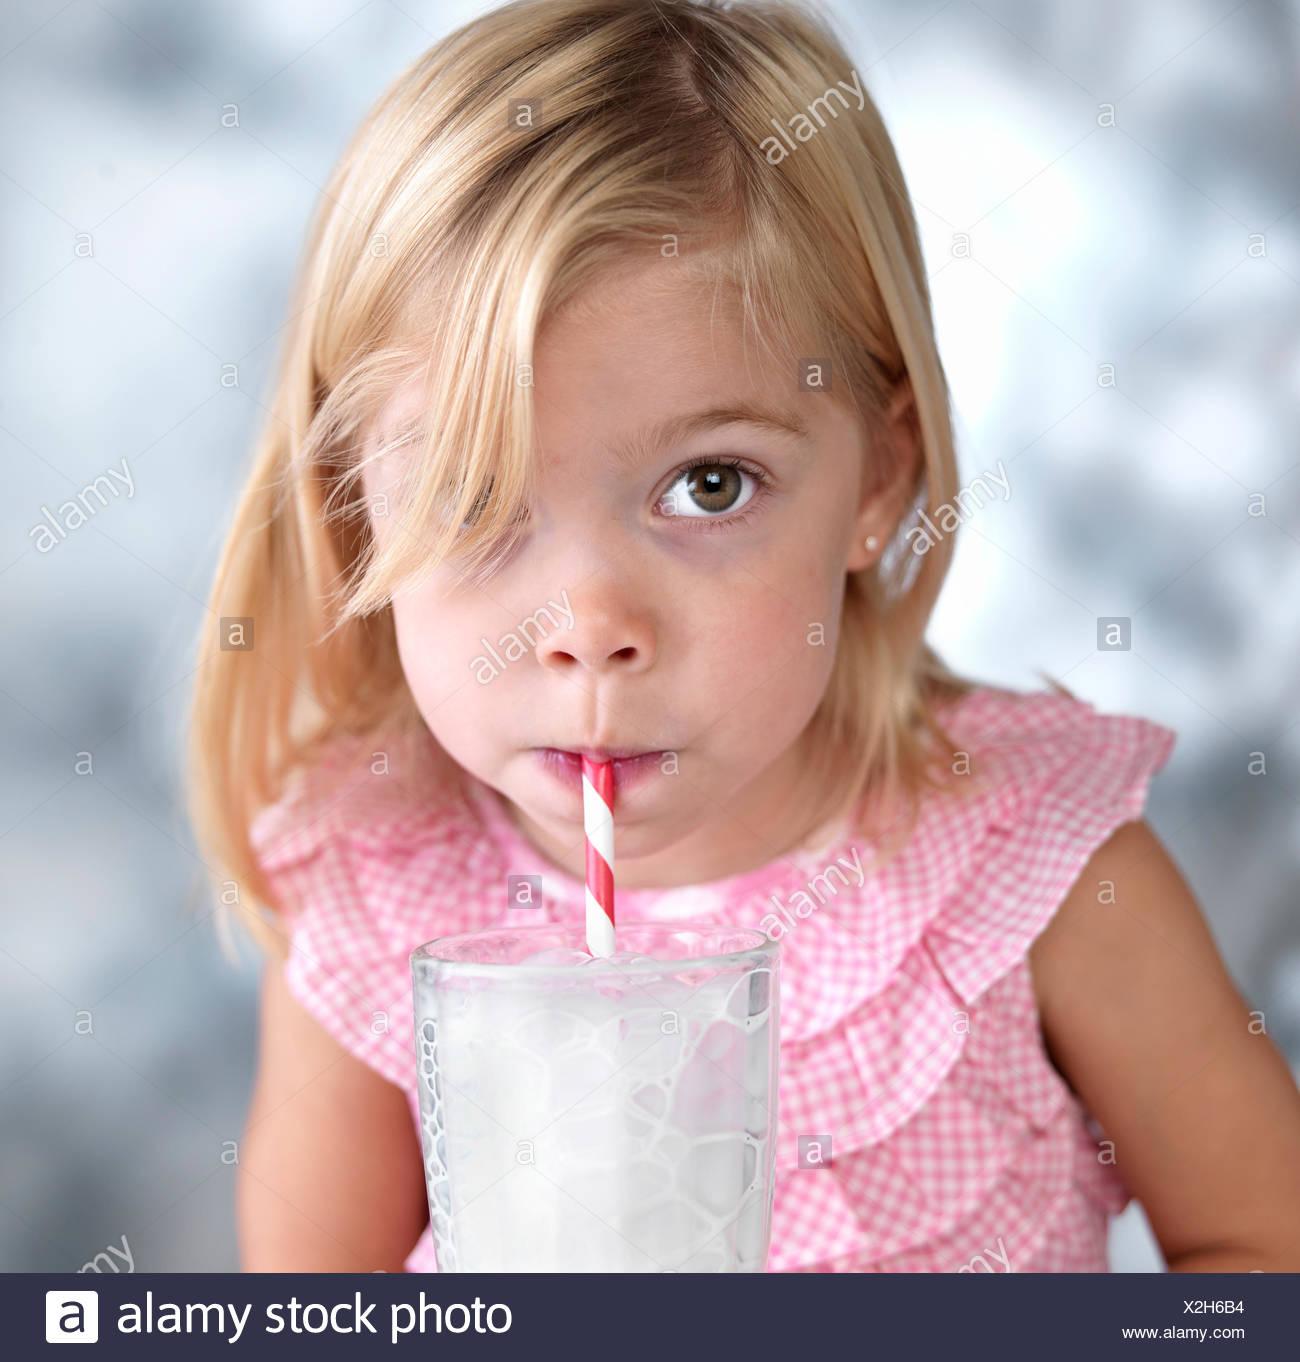 Portrait of young woman blowing bubbles dans le lait par l'intermédiaire de paille Banque D'Images